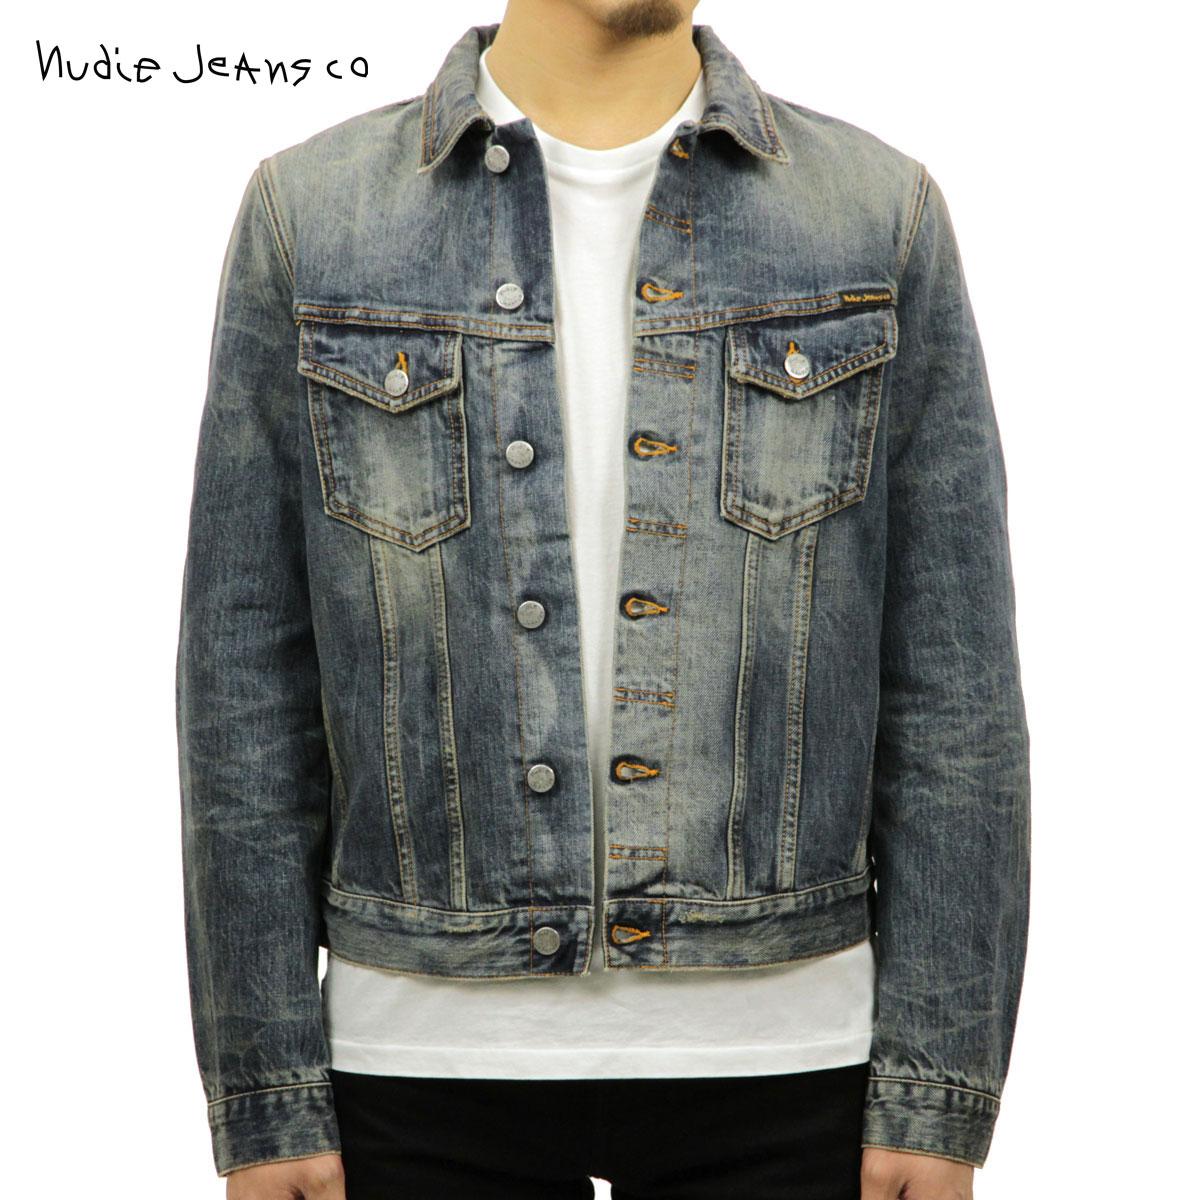 ヌーディージーンズ Nudie Jeans 正規販売店 メンズ アウター デニムジャケット BILLY DRY SELVEDGE DENIM JACKET DENIM B26 160551 5025